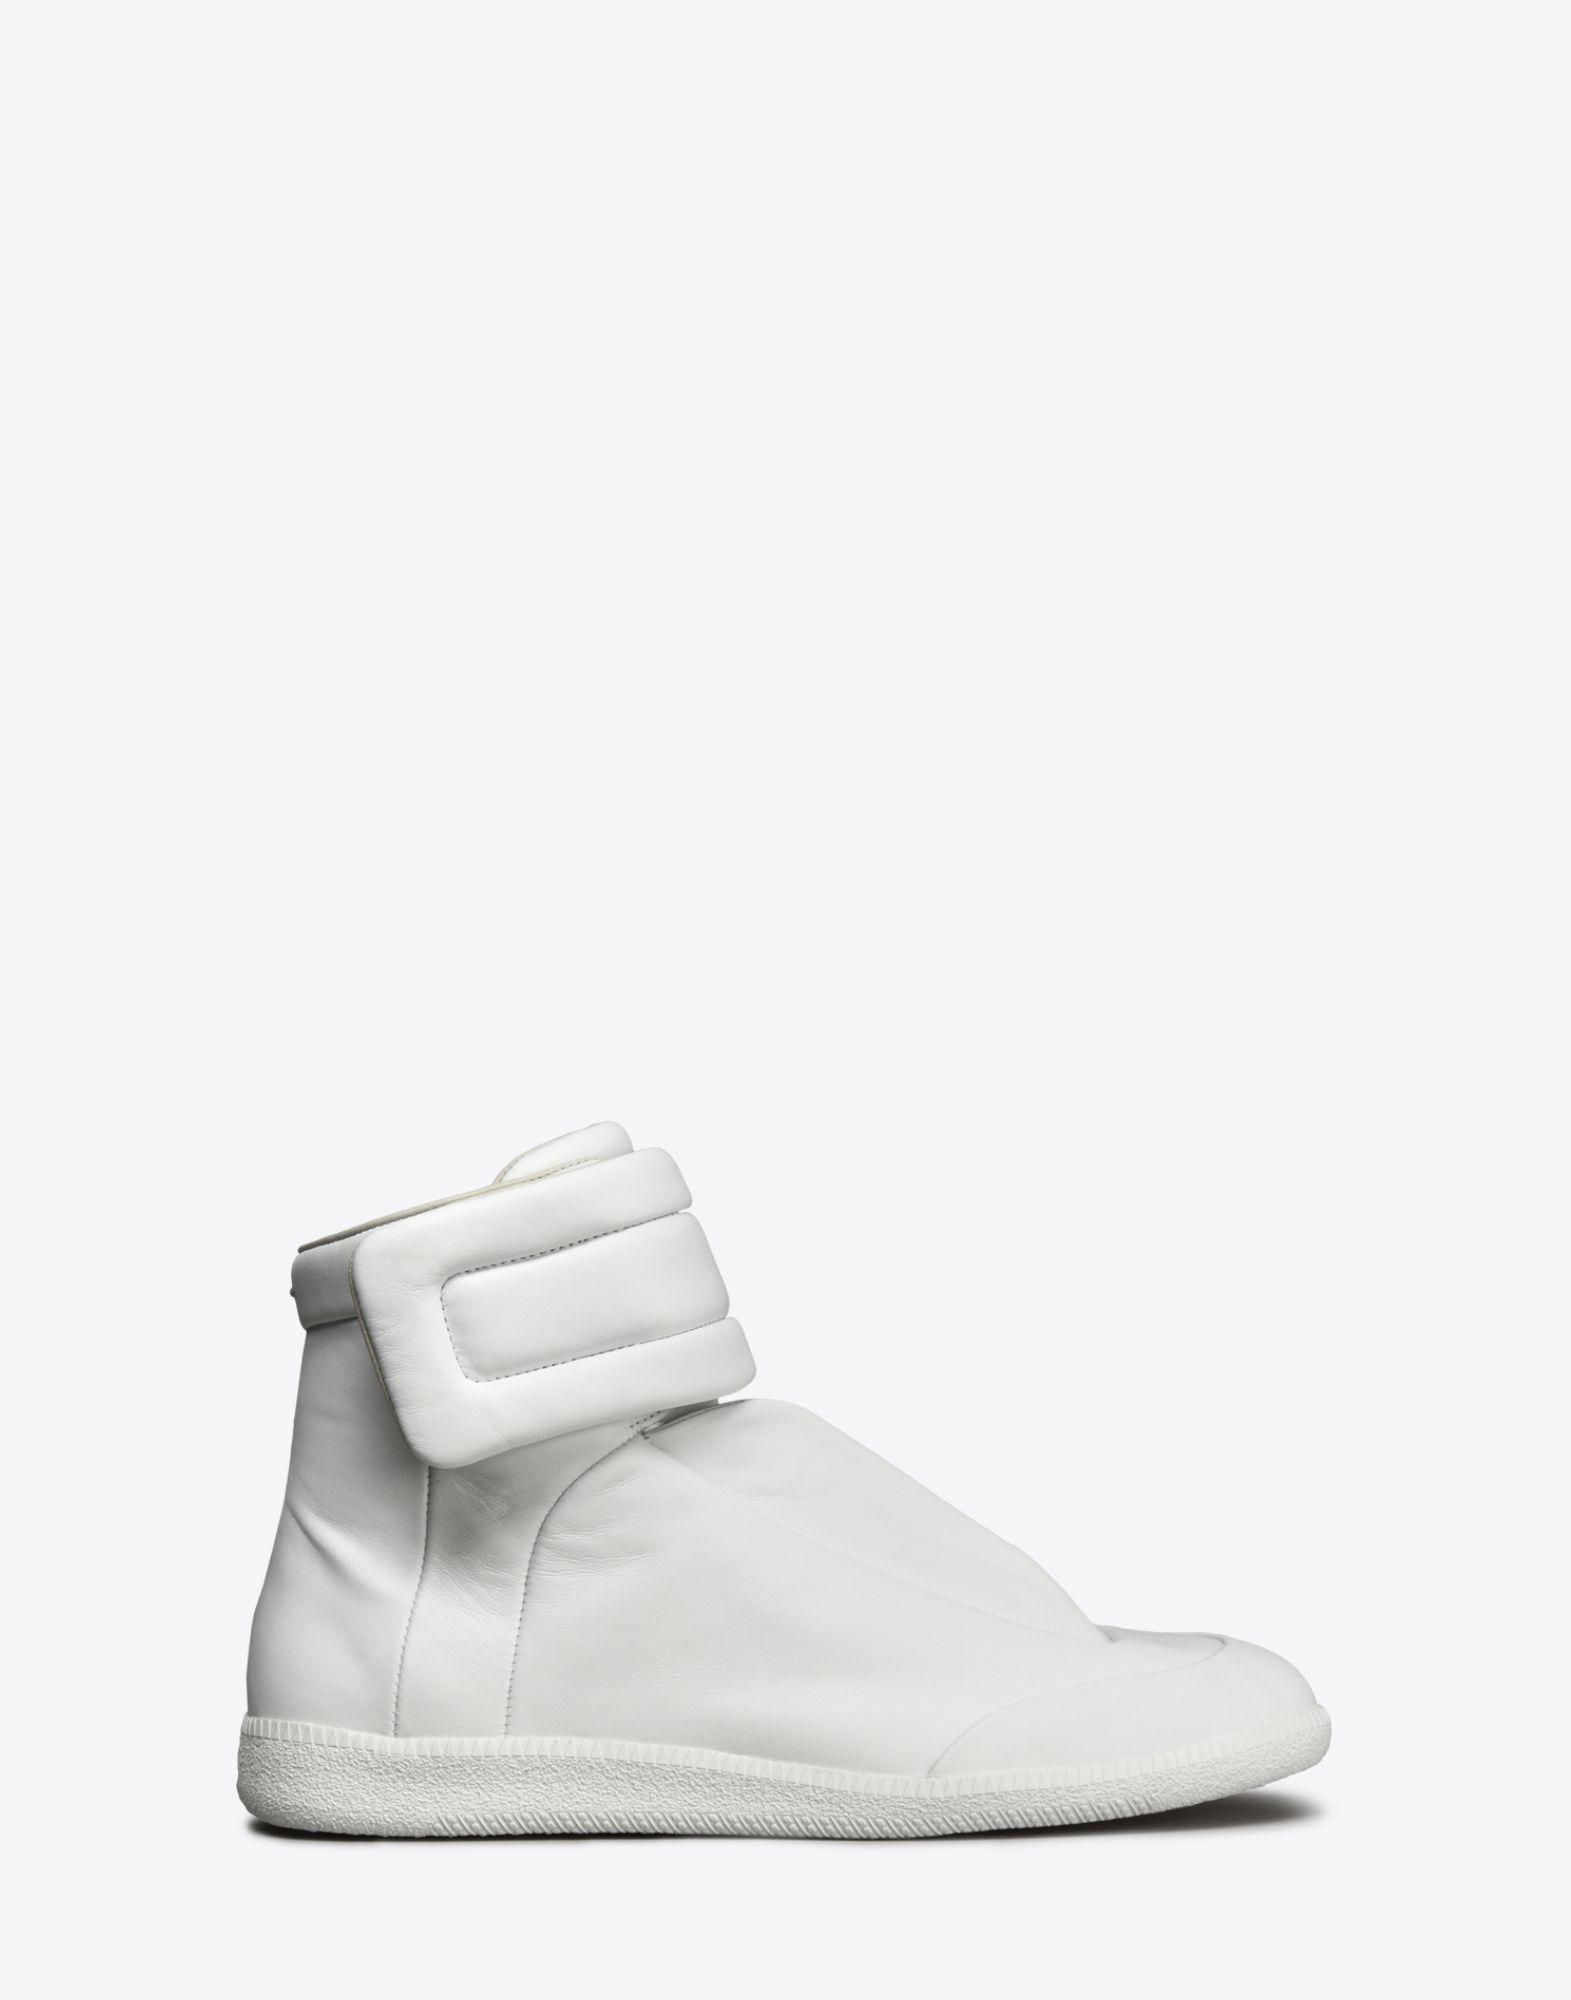 MAISON MARGIELA 22 Baskets 'Future' hautes Sneakers Homme f